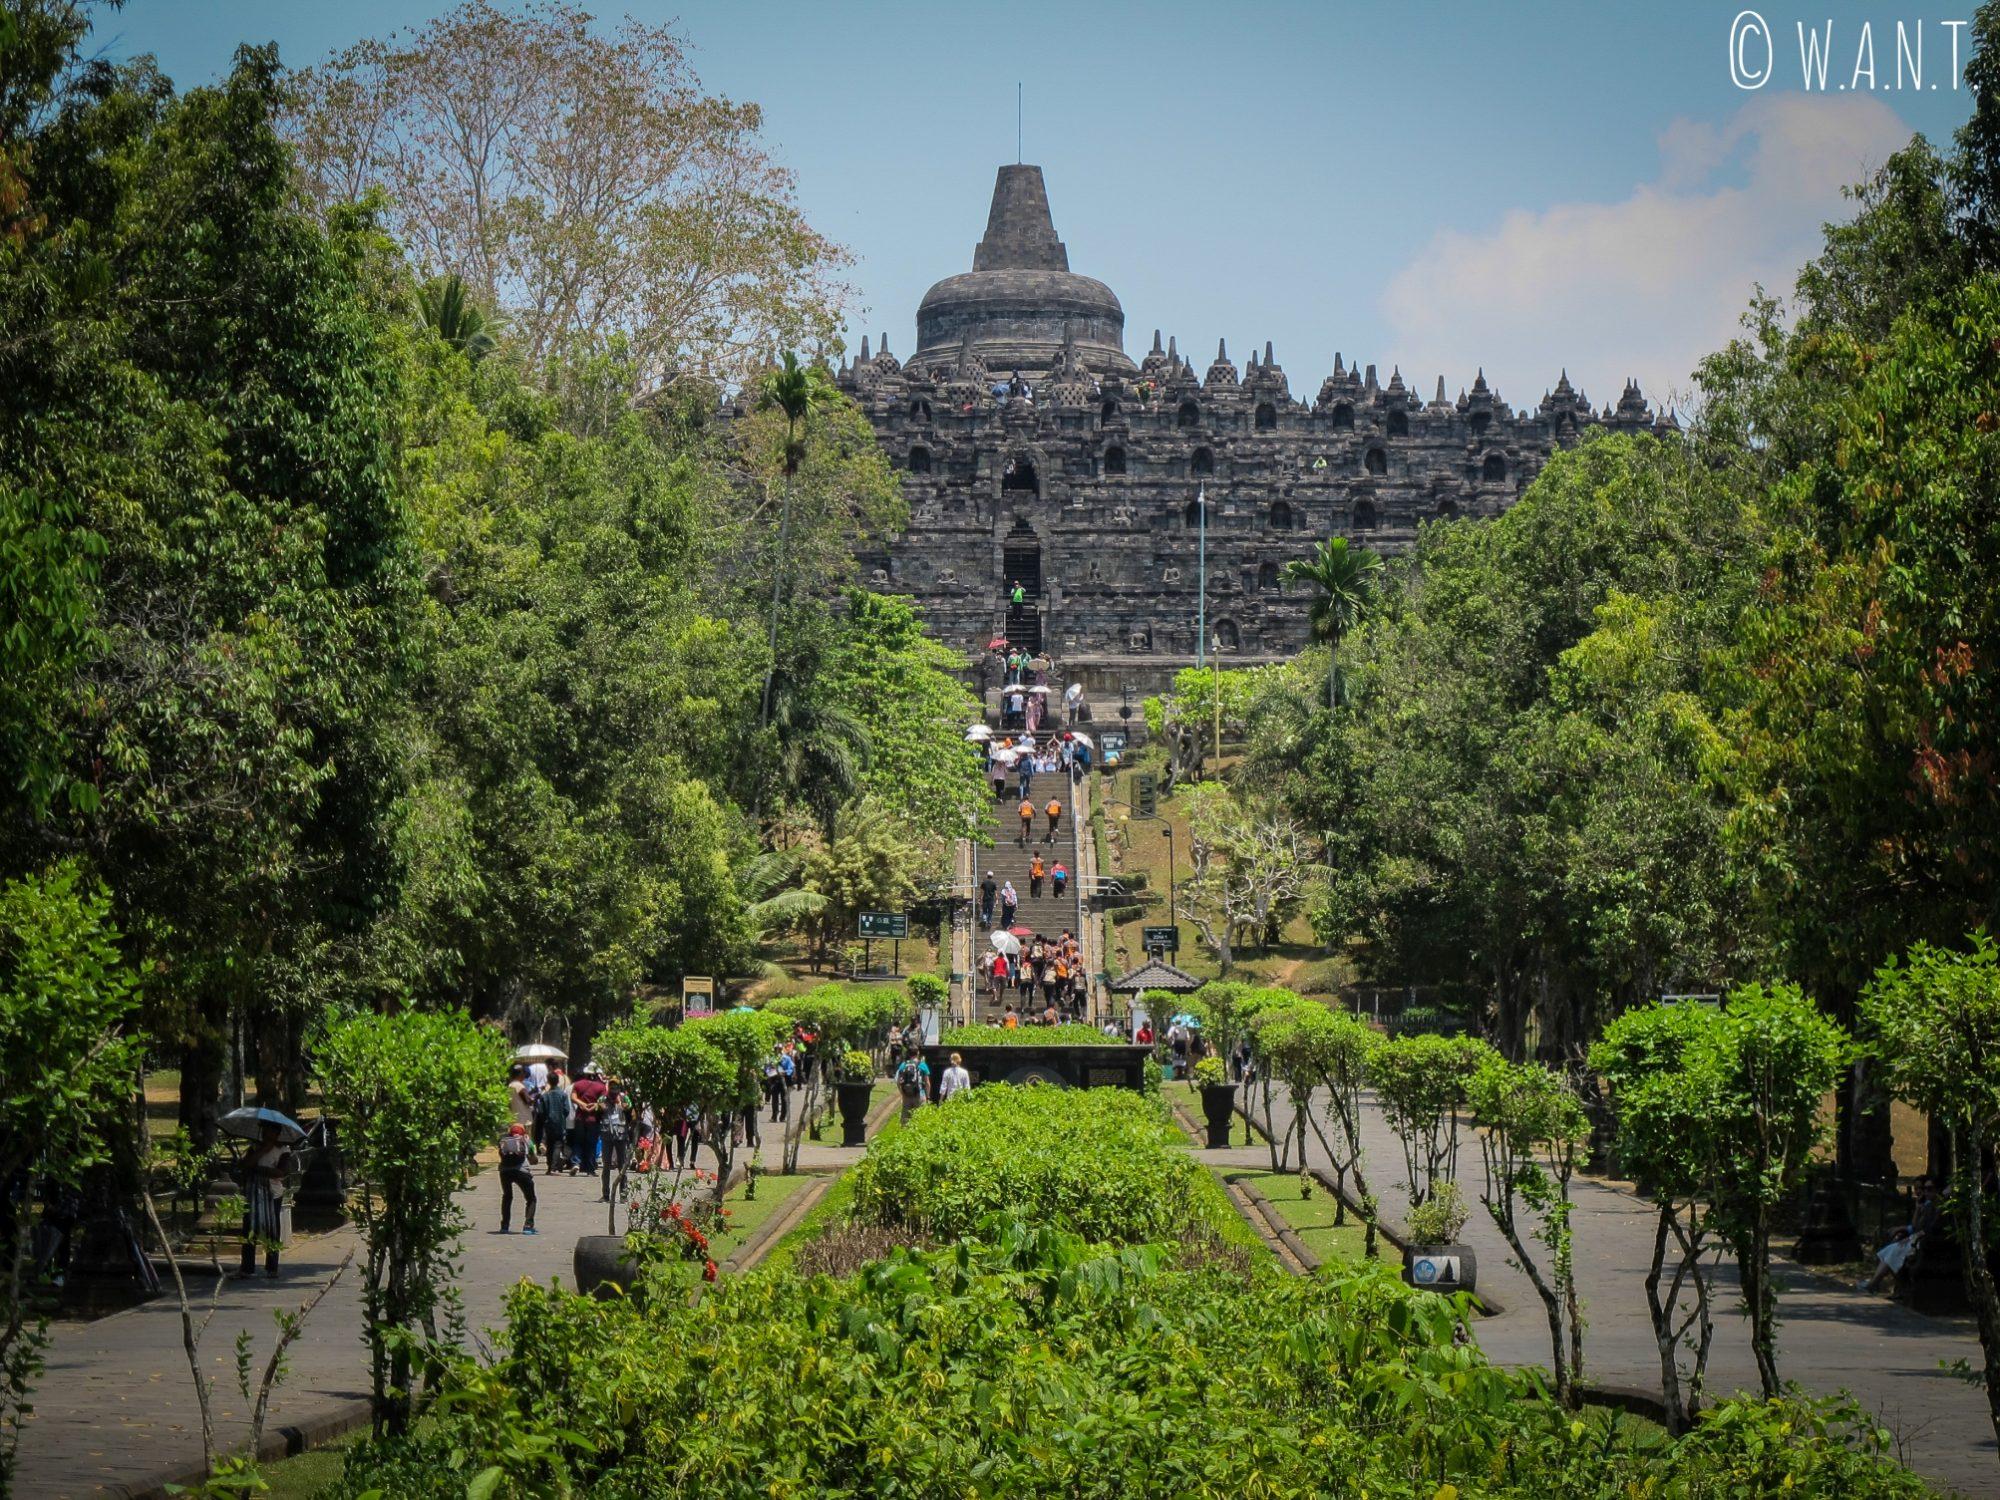 Vue sur le temple depuis l'entrée du site de Borobudur